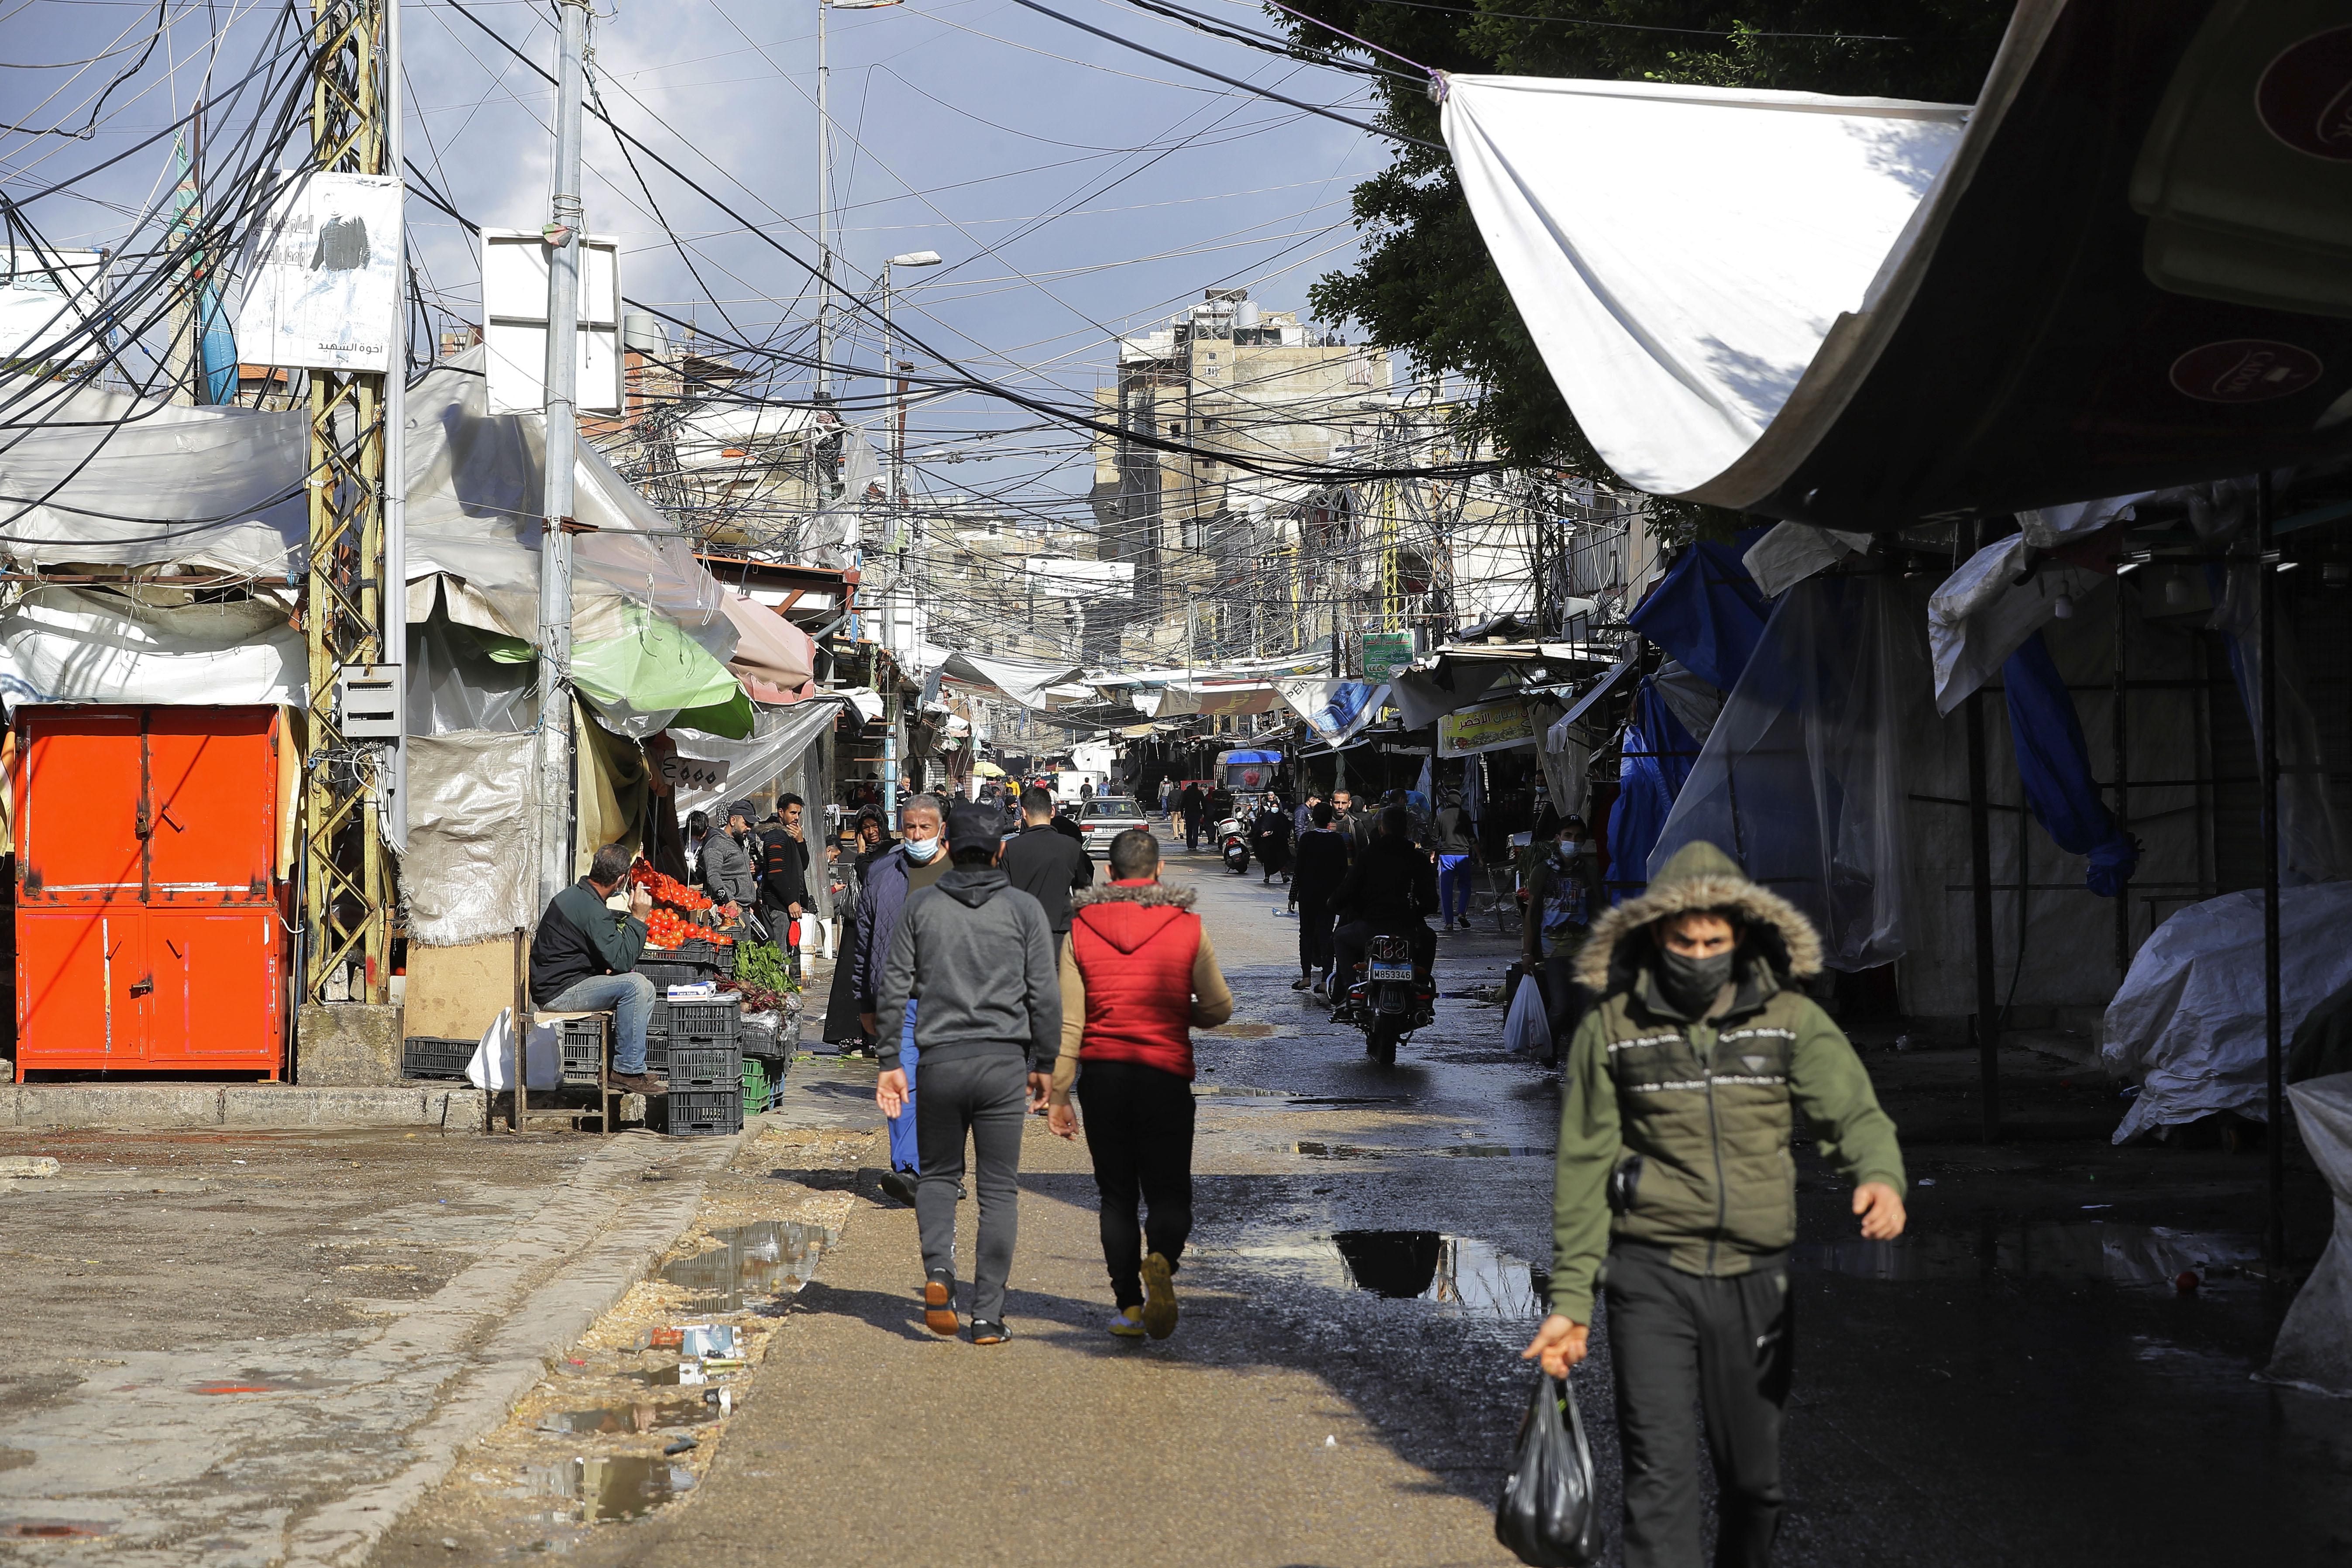 في لبنان سكان يخافون الفقر والعوز أكثر من الإصابة بكوفيد-19